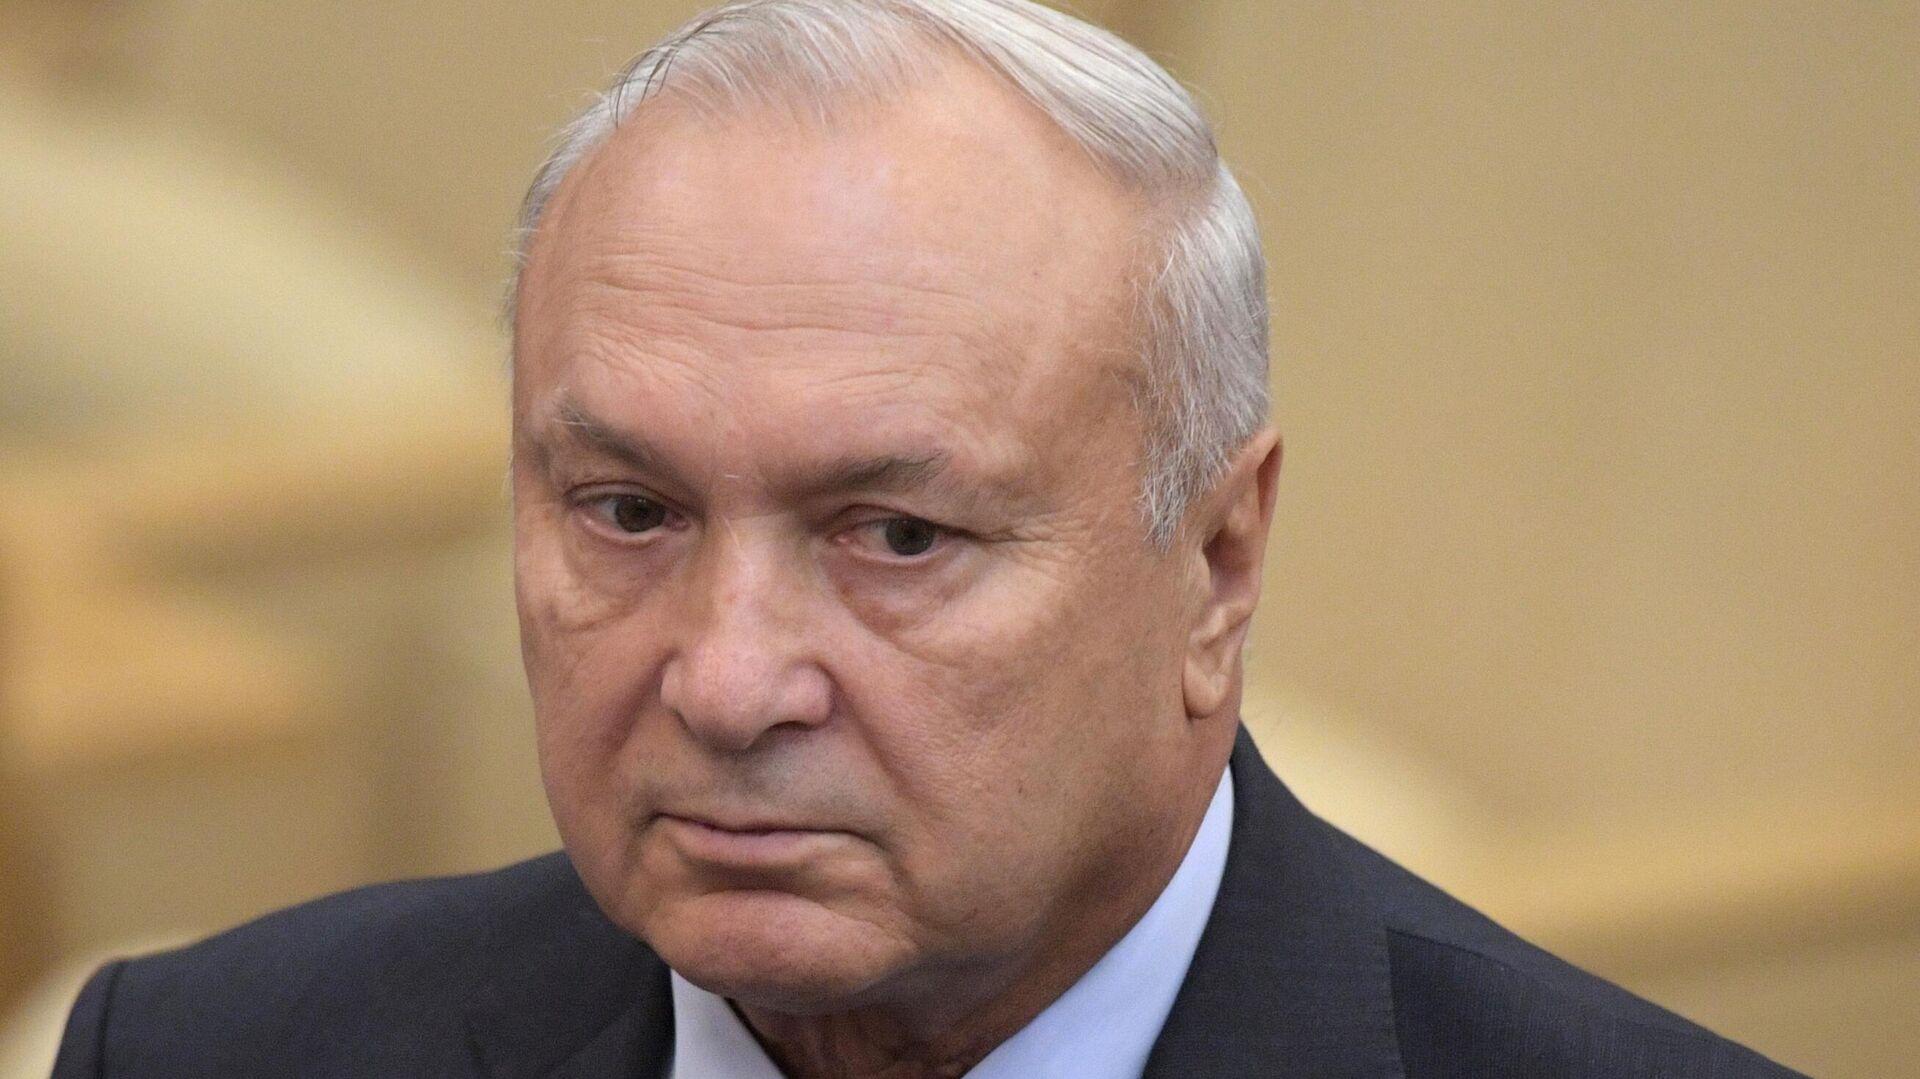 Умер экс-мэр Красноярска Пимашков